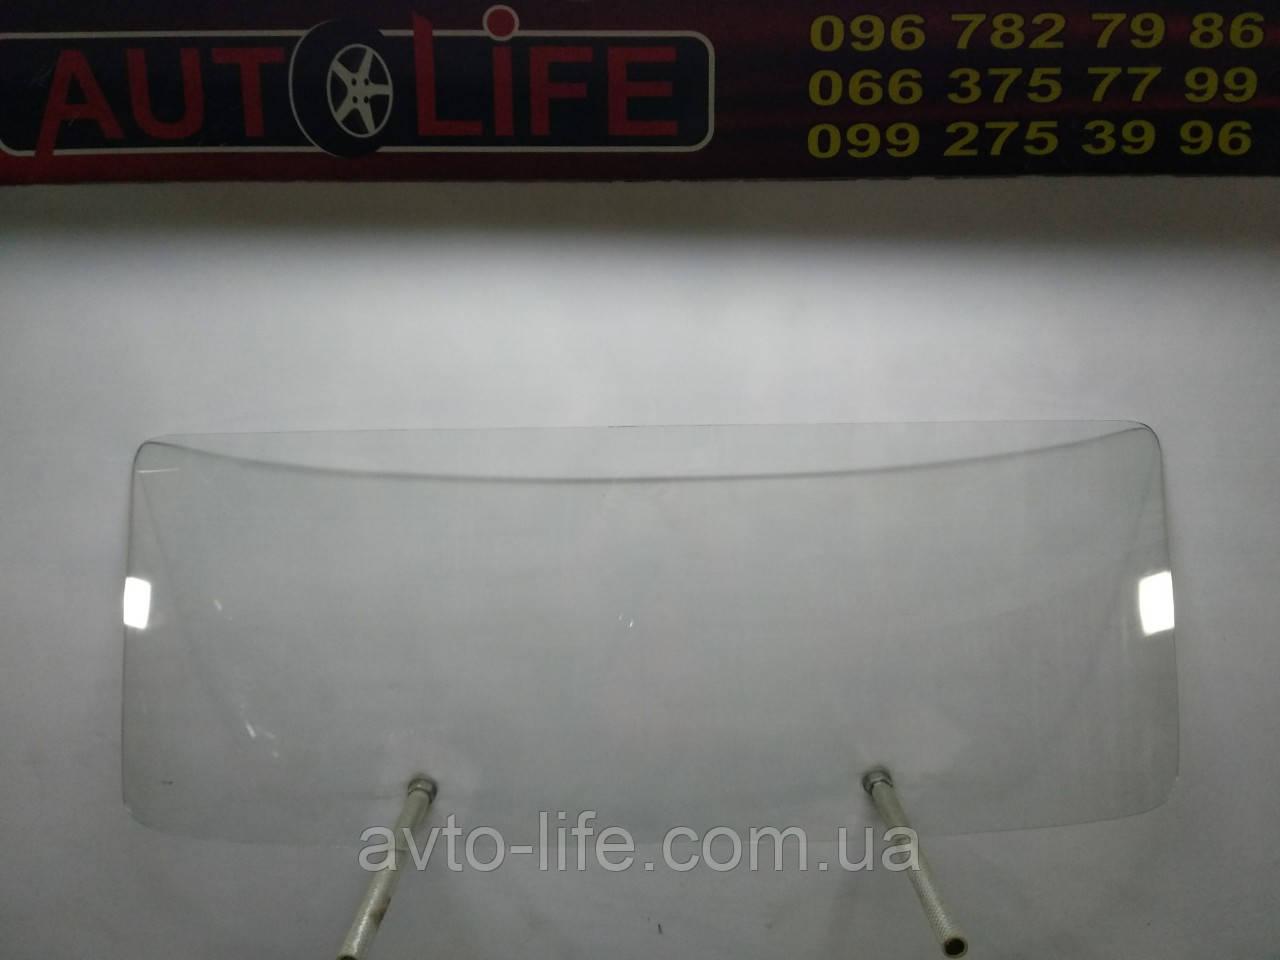 Лобовое стекло ГАЗ 3307/4301 (Газон) (Грузовик) | Лобове скло ГАЗ Газон | Автостекло на грузовик Газ Газон